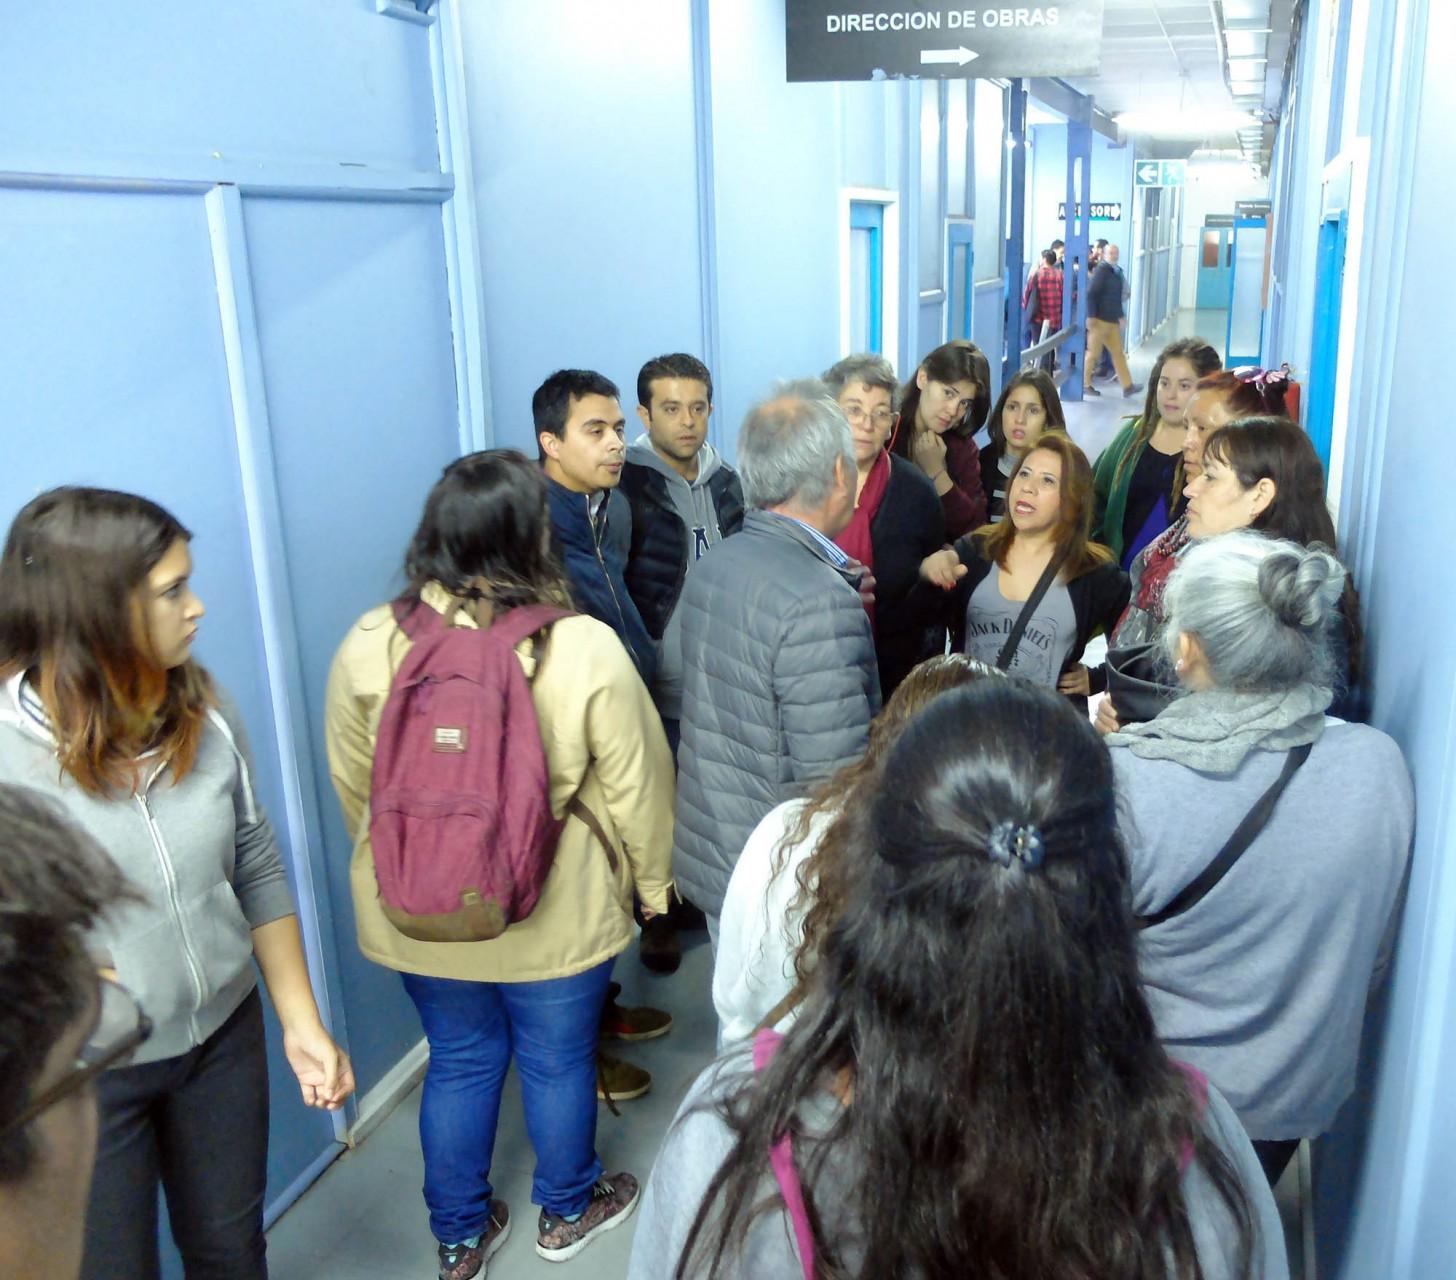 El ánimo cívico y los 15 mil pesos de pago provocaron tensión entre los voluntarios despechados.